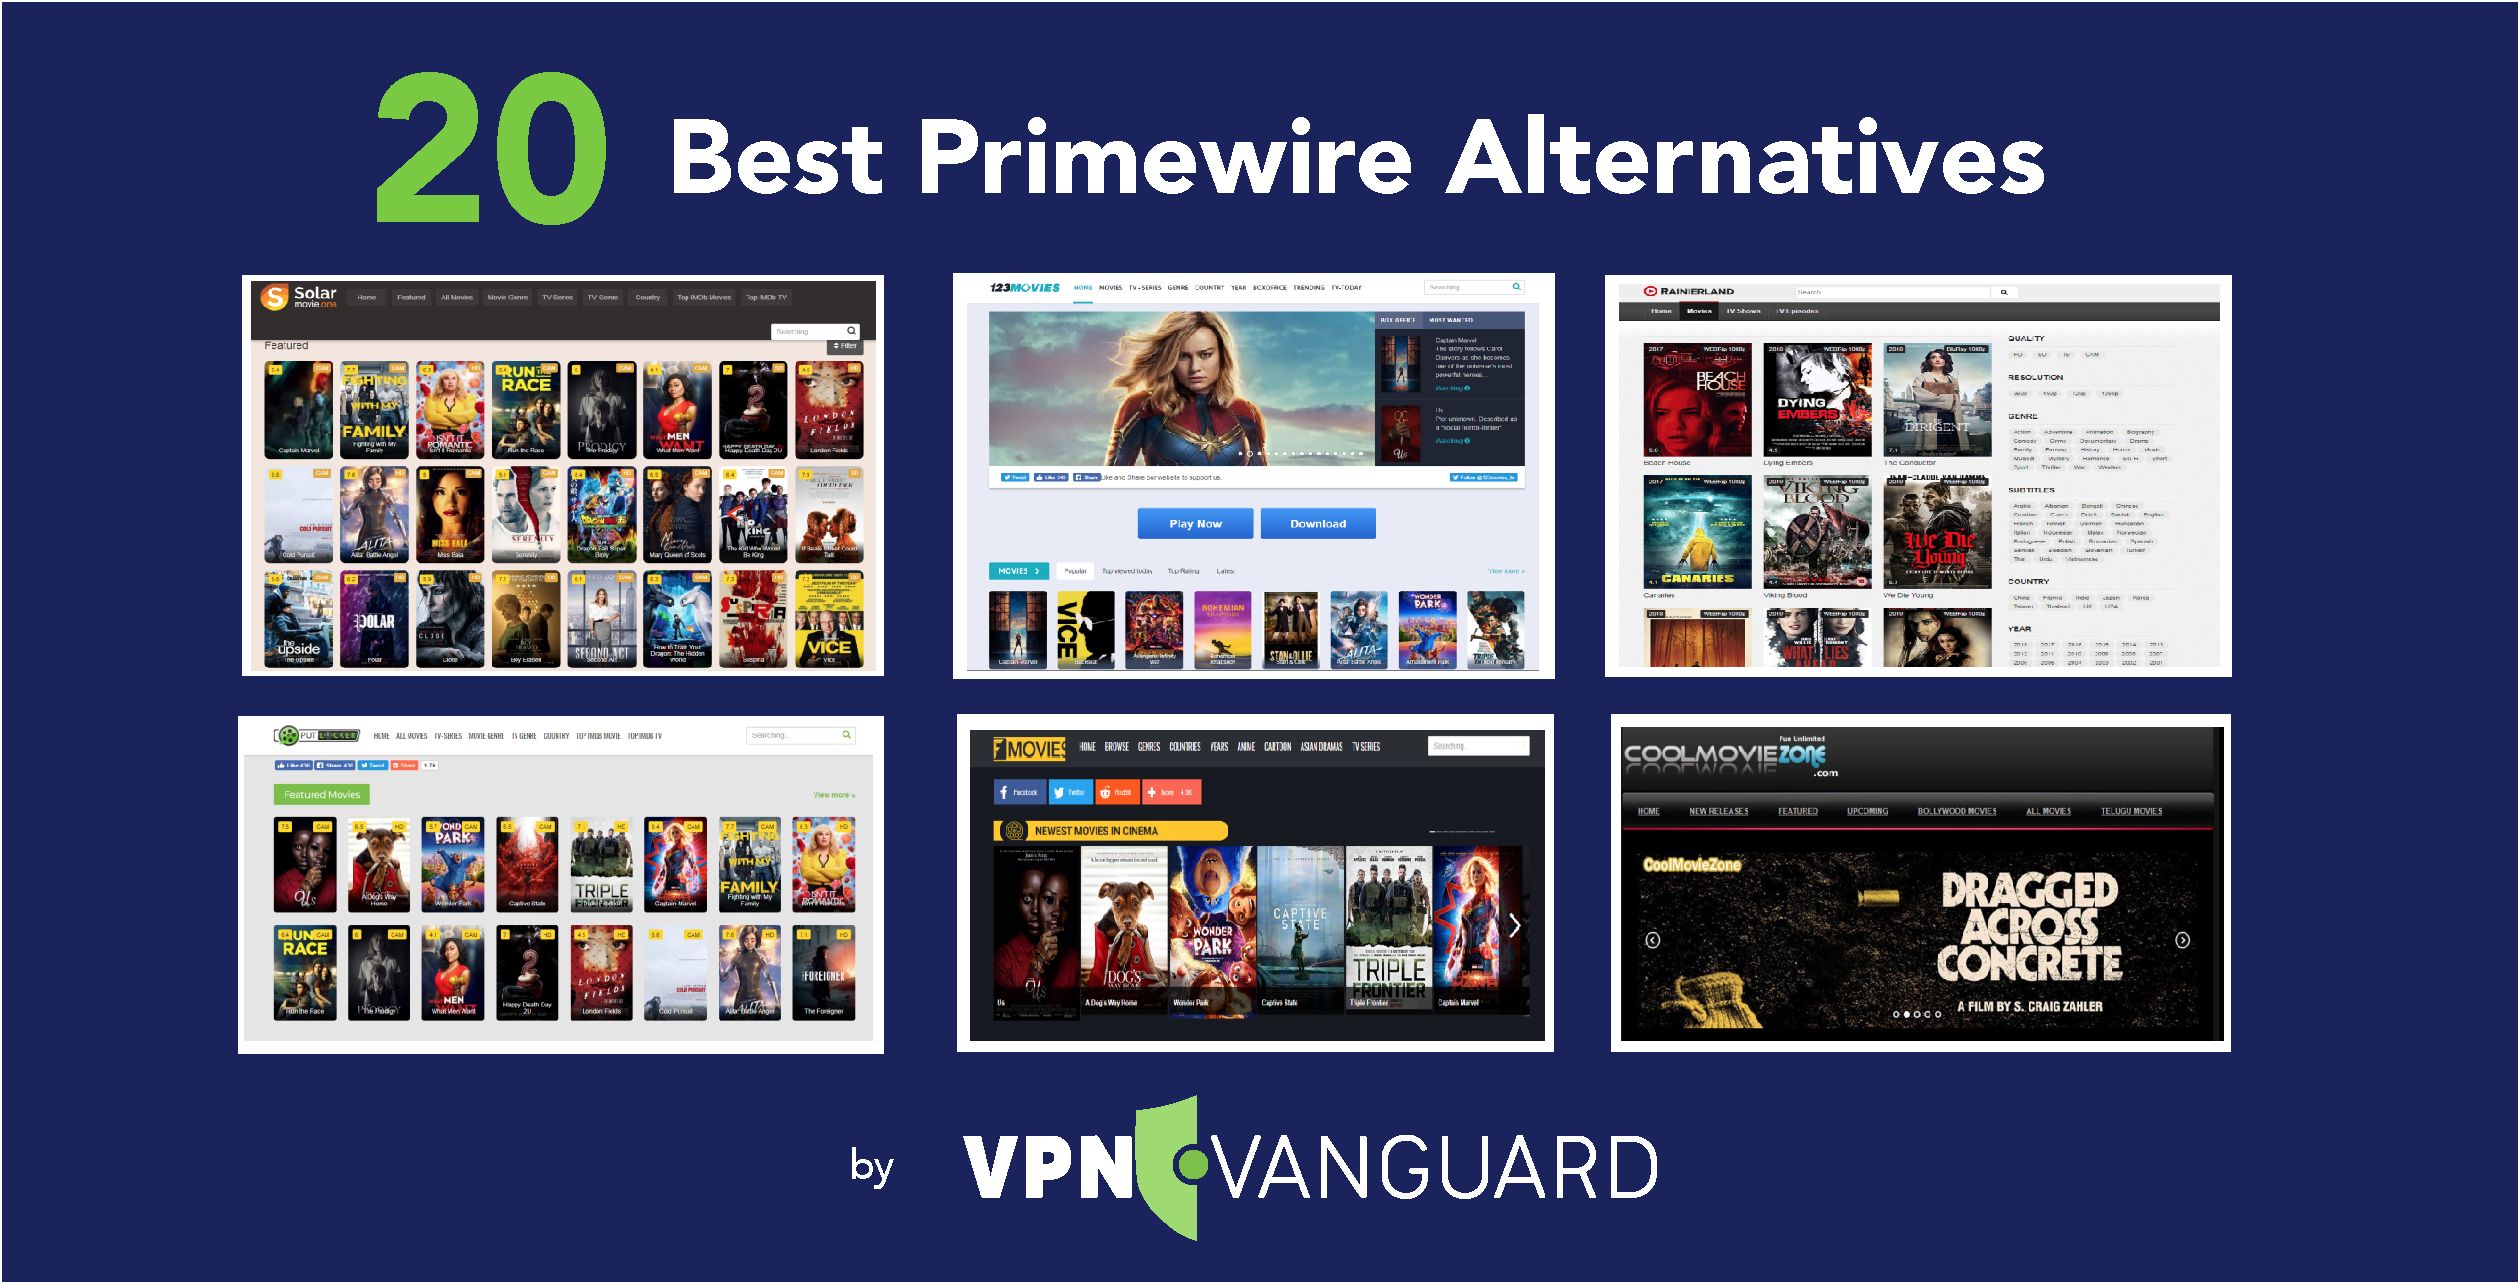 Primewire Website